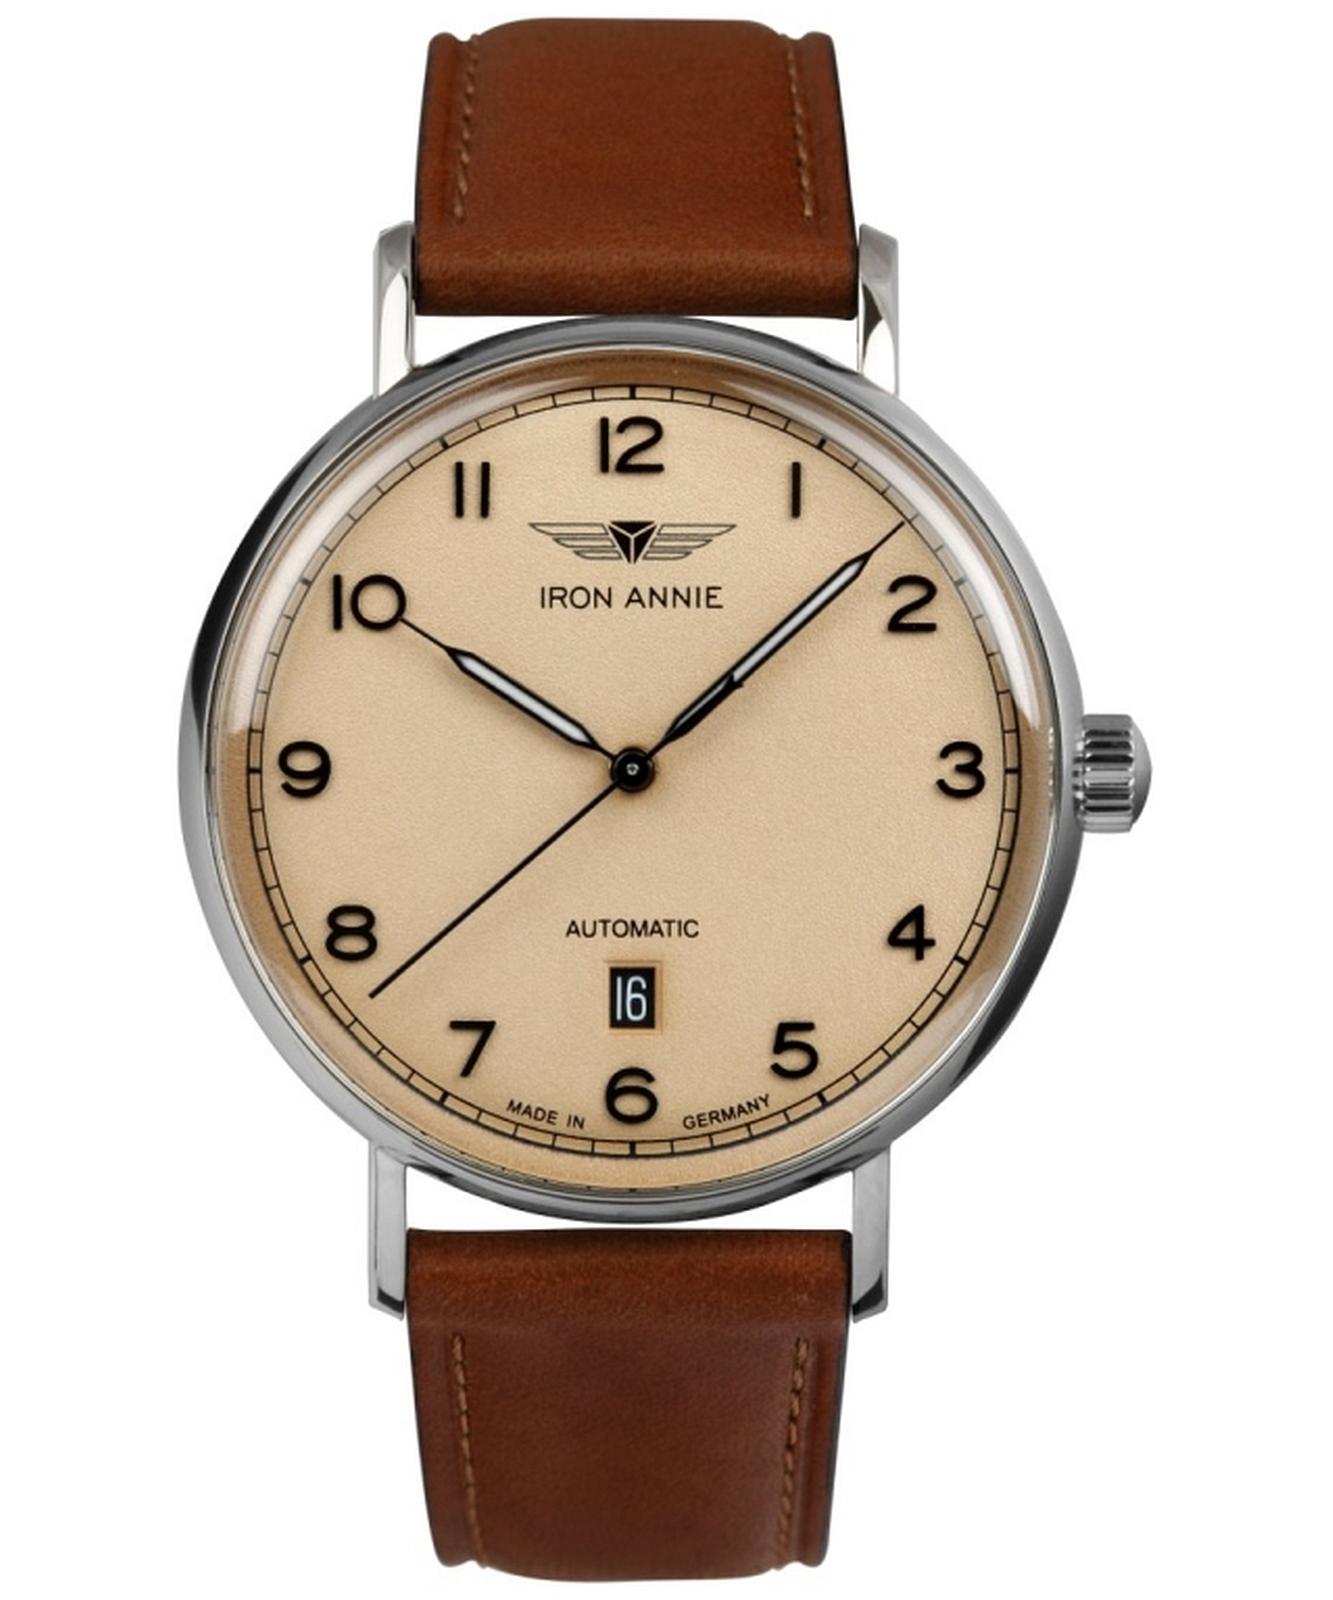 zegarek-meski-iron-annie-d-aqui-automatik-ia-5954-3